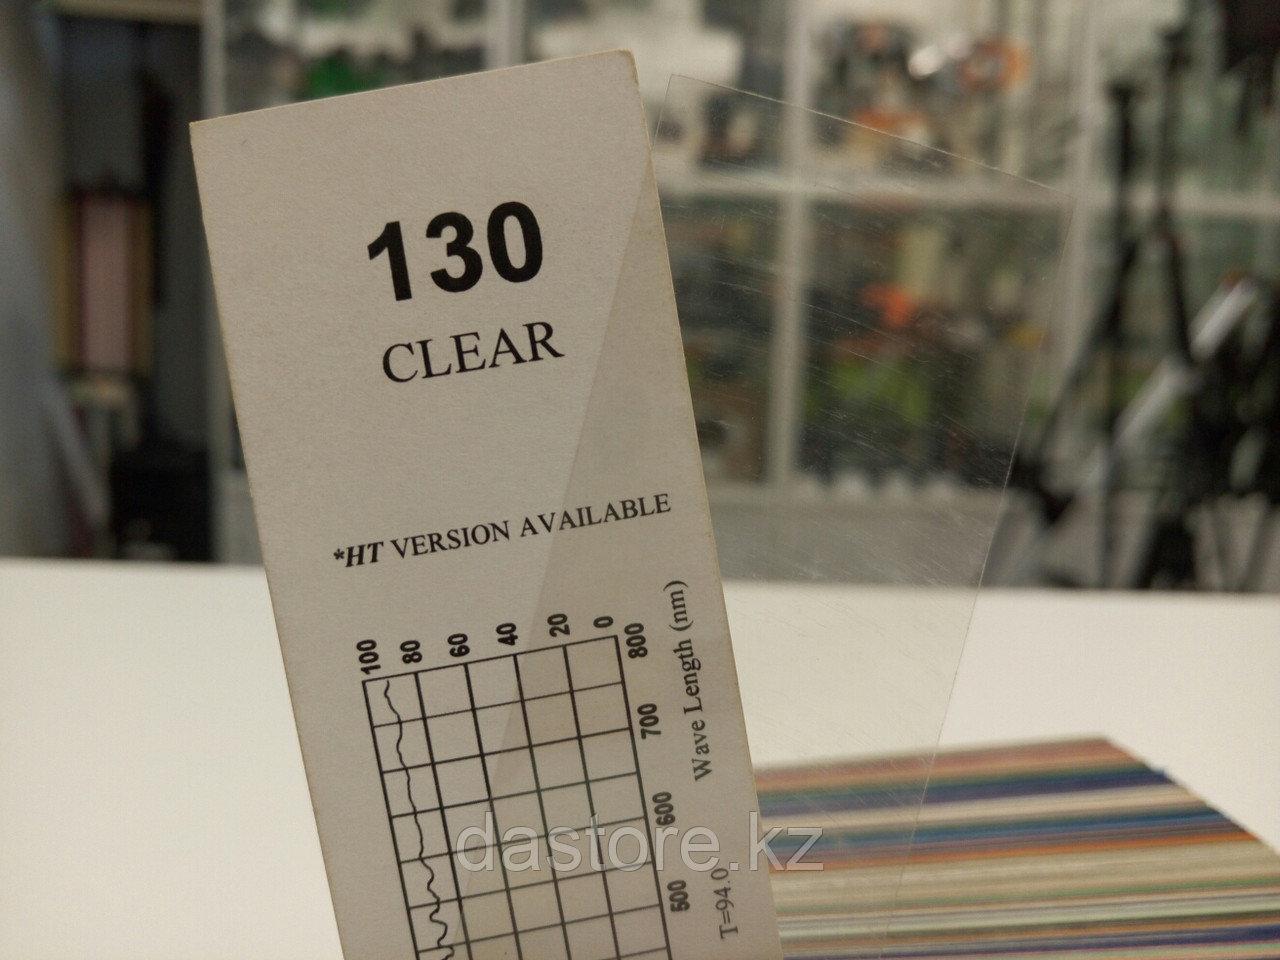 Cotech 130 CLEAR светофильтр для осветительных приборов